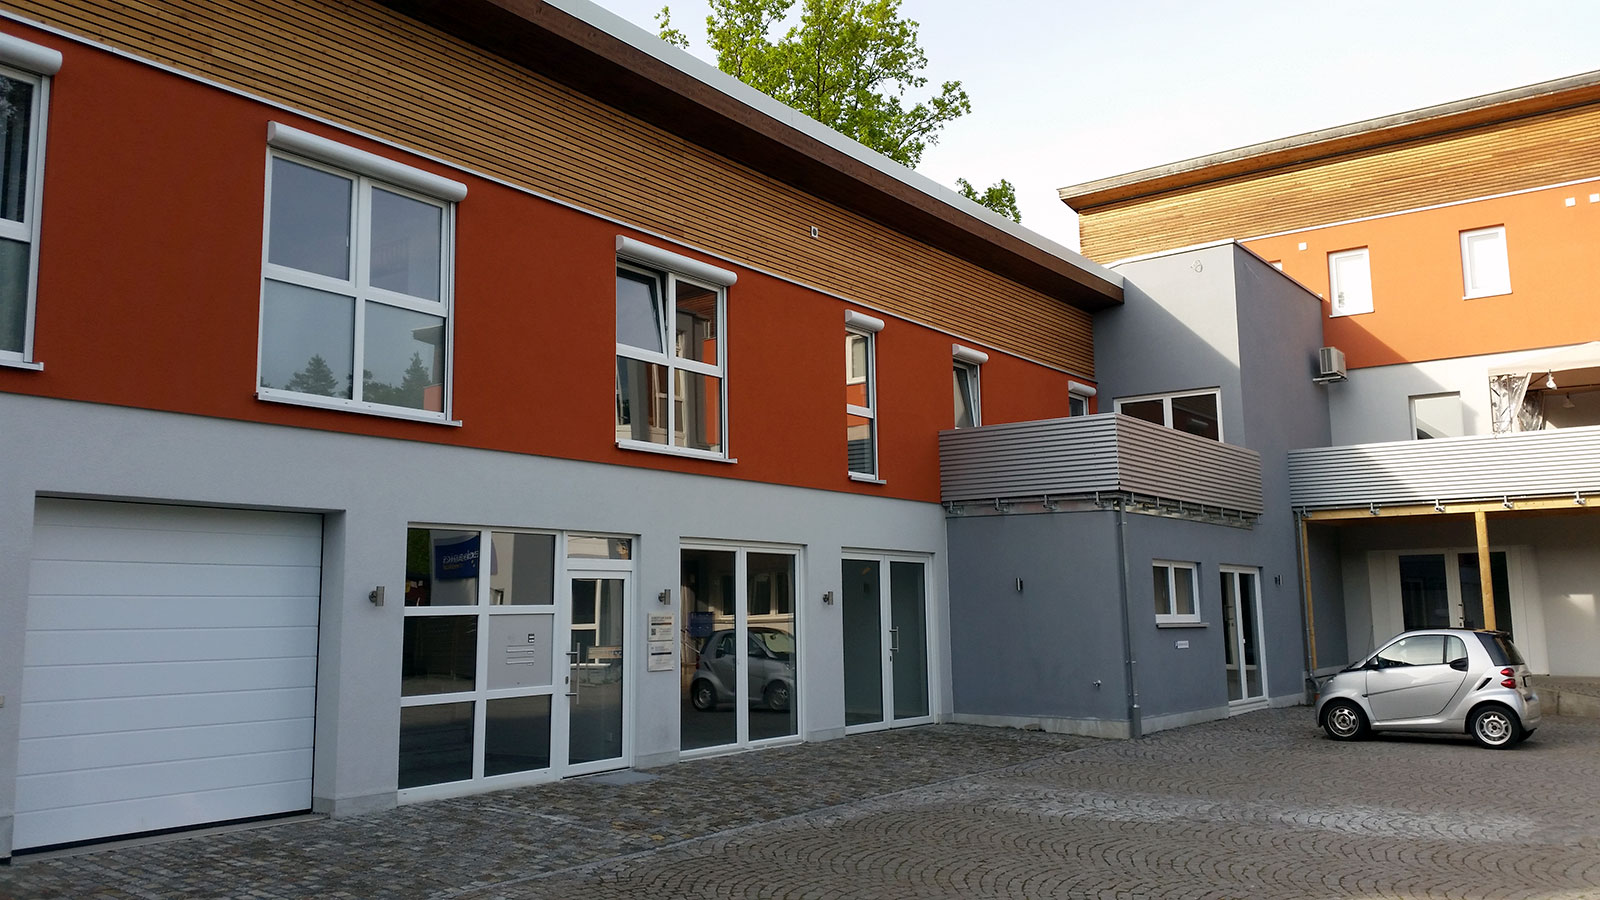 Baumarkt in der nhe cool knauber baumarkt bonn endenich - Bauhaus regensburg angebote ...